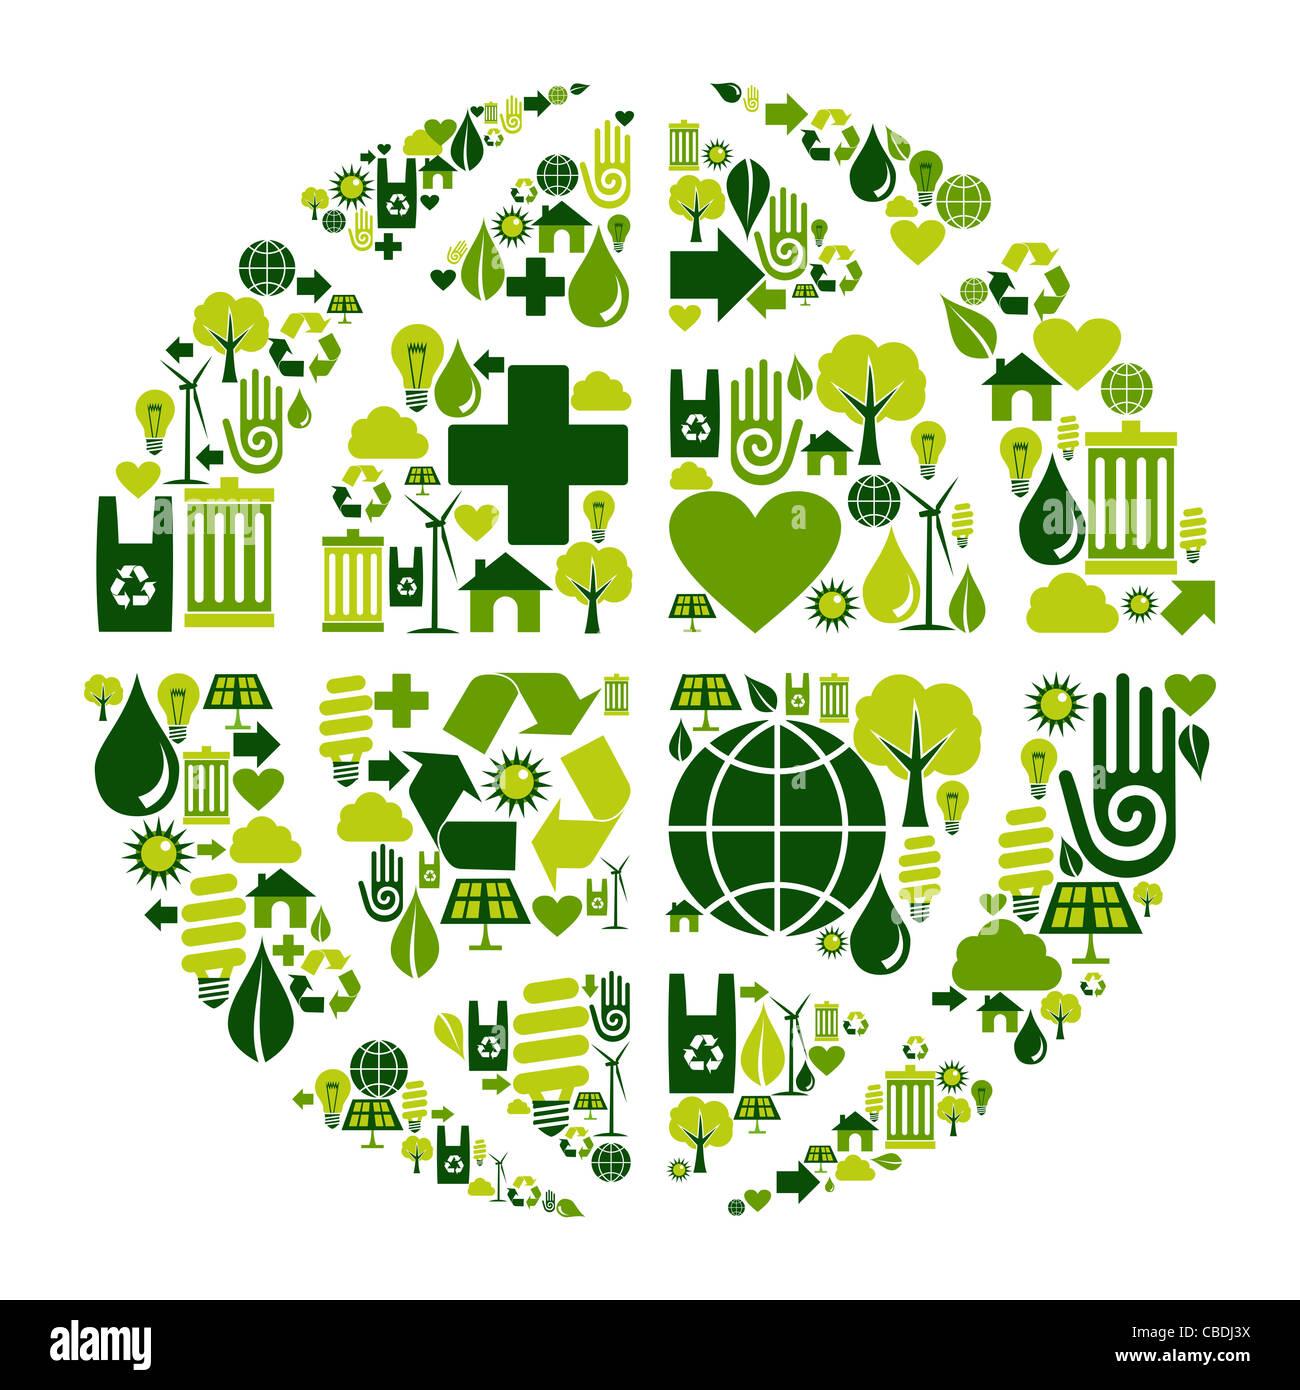 Il simbolo del mondo dei social media con icone ambientali. Immagini Stock